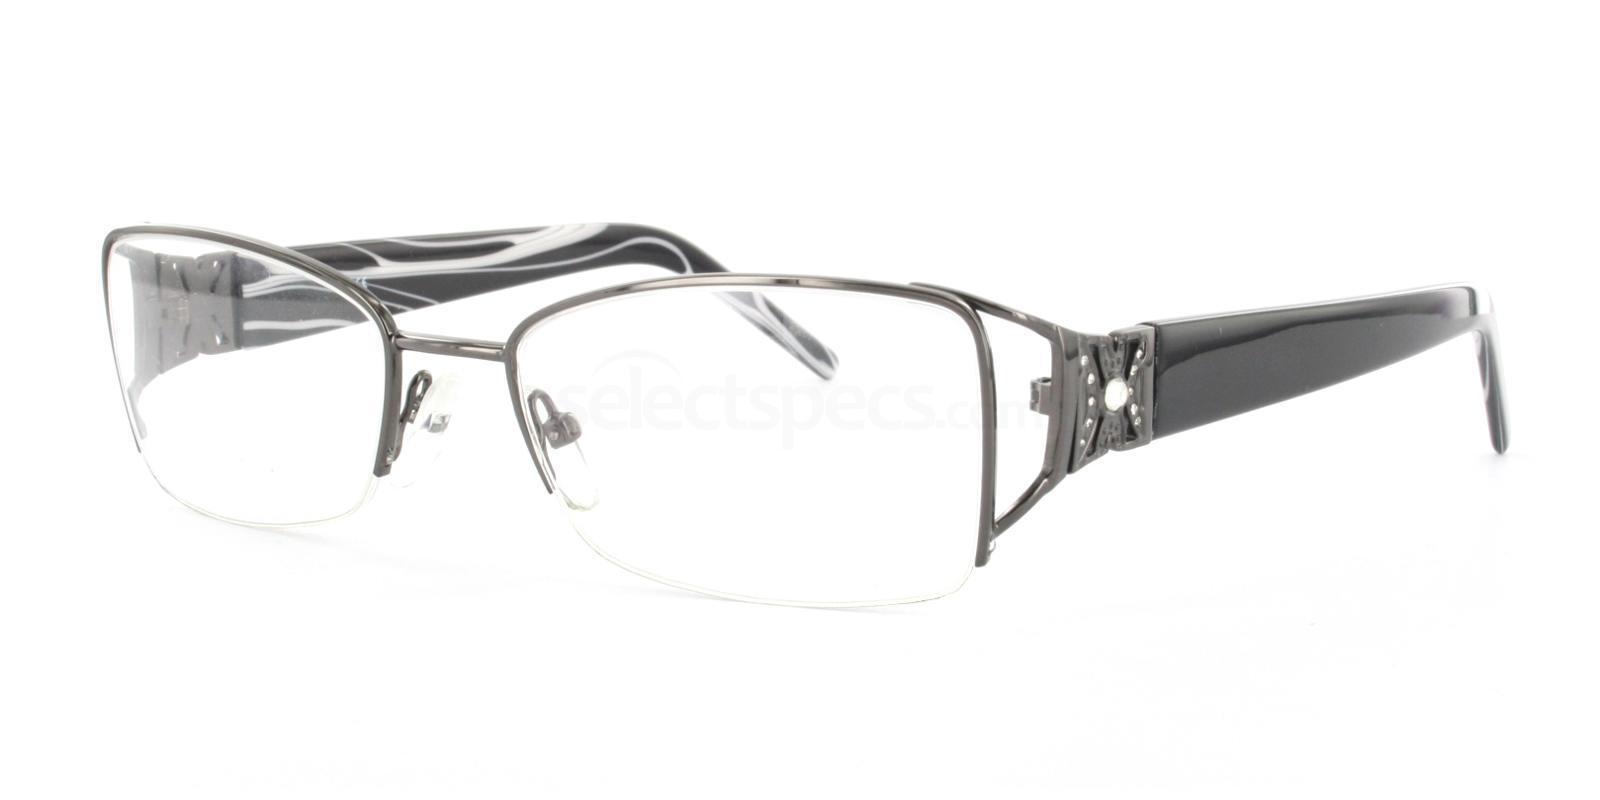 C2 R30789 Glasses, Antares